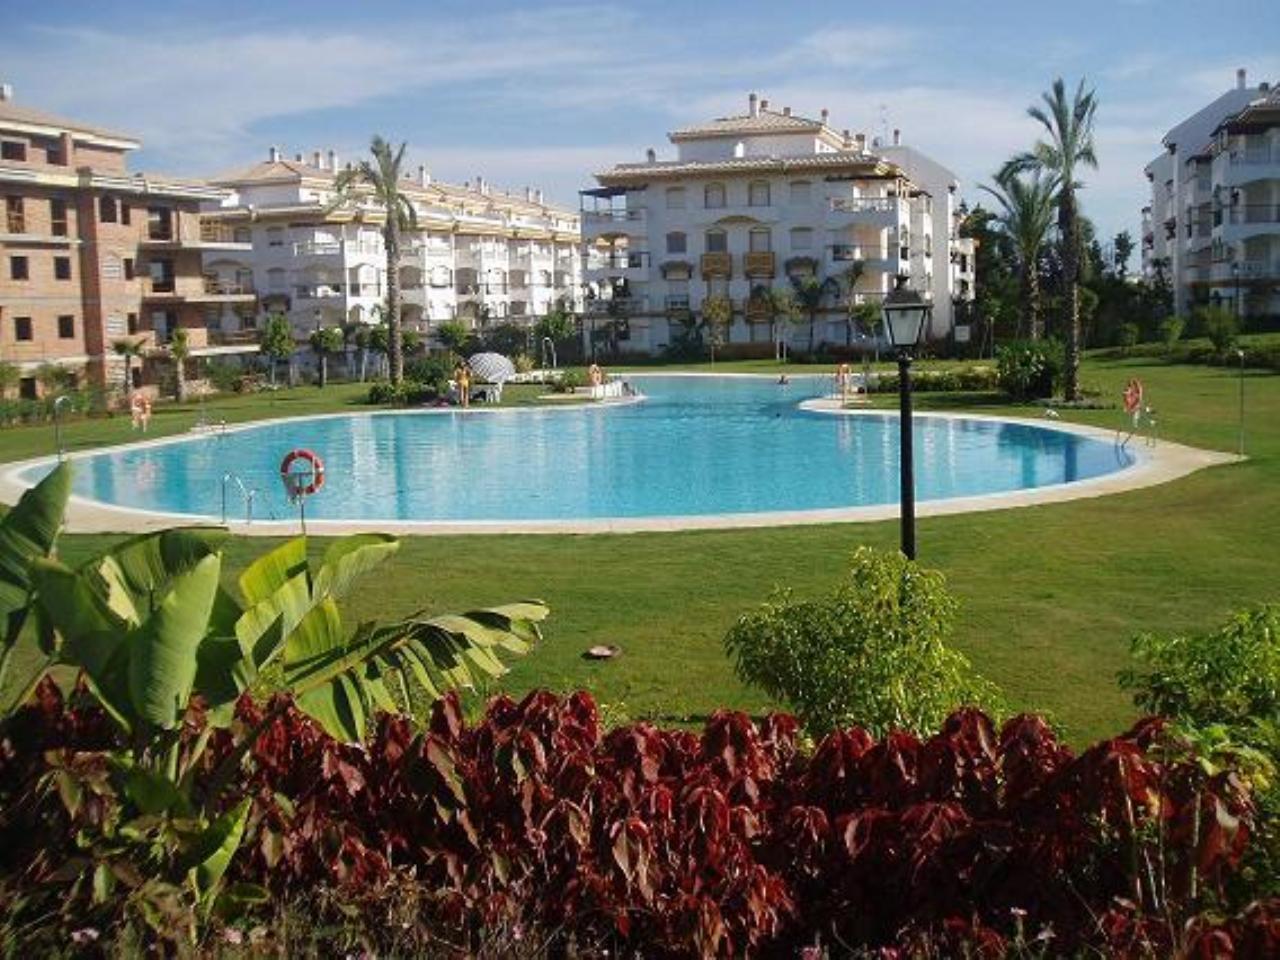 APARTAMENTO en venta en nueva andalucia-puerto banus 1.000 €